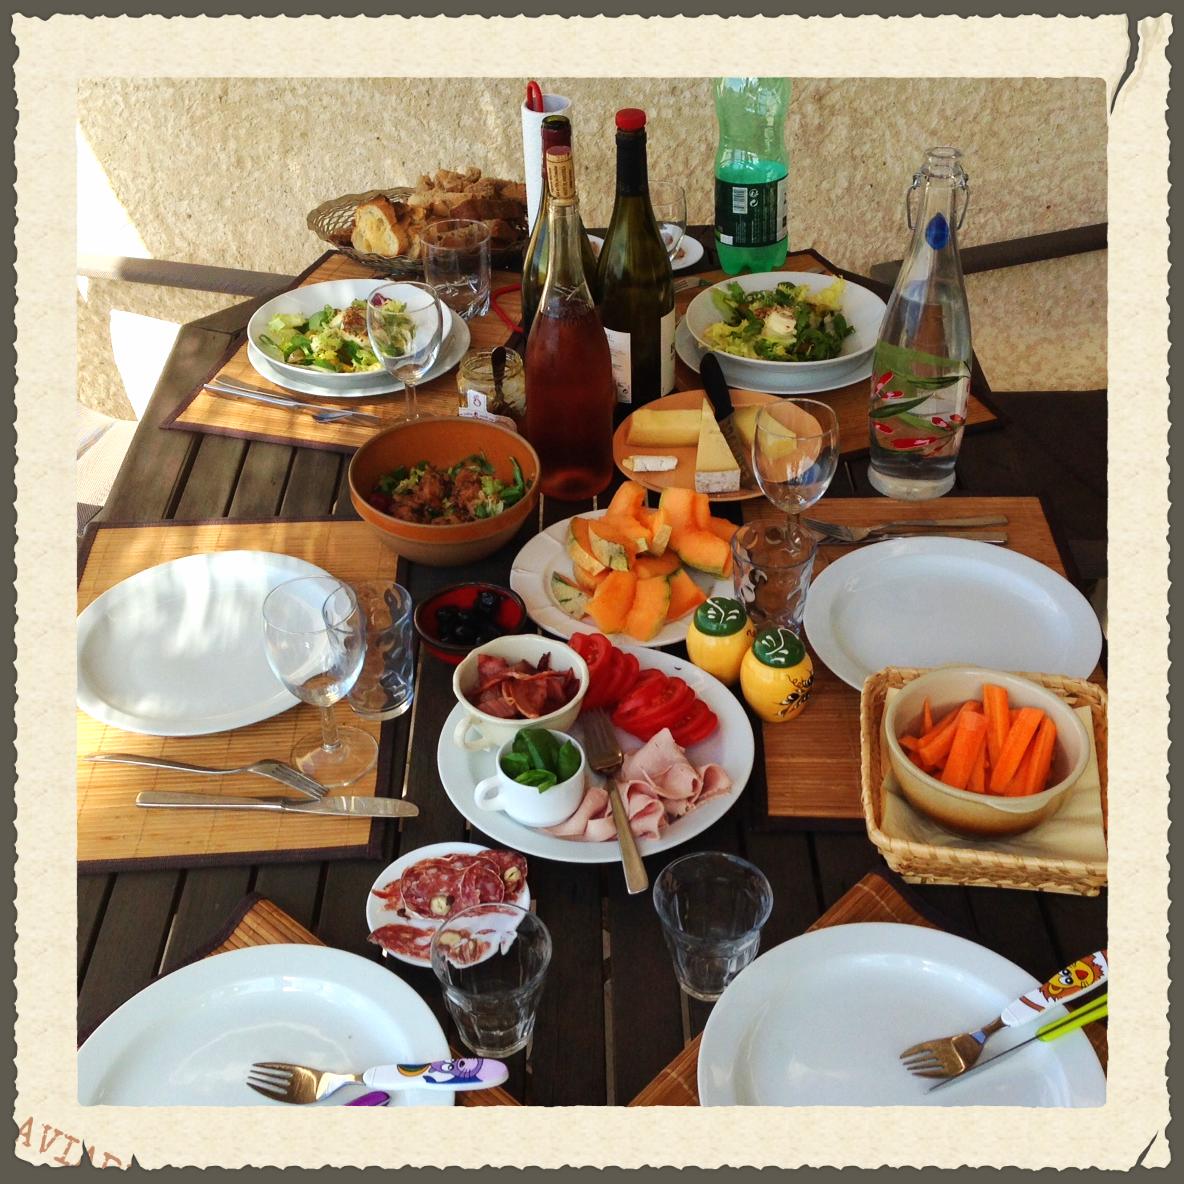 .... eller indkøb lokalt og lav din egen favorit-frokost, som du indtager på terrassen ved huset eller i haven ....